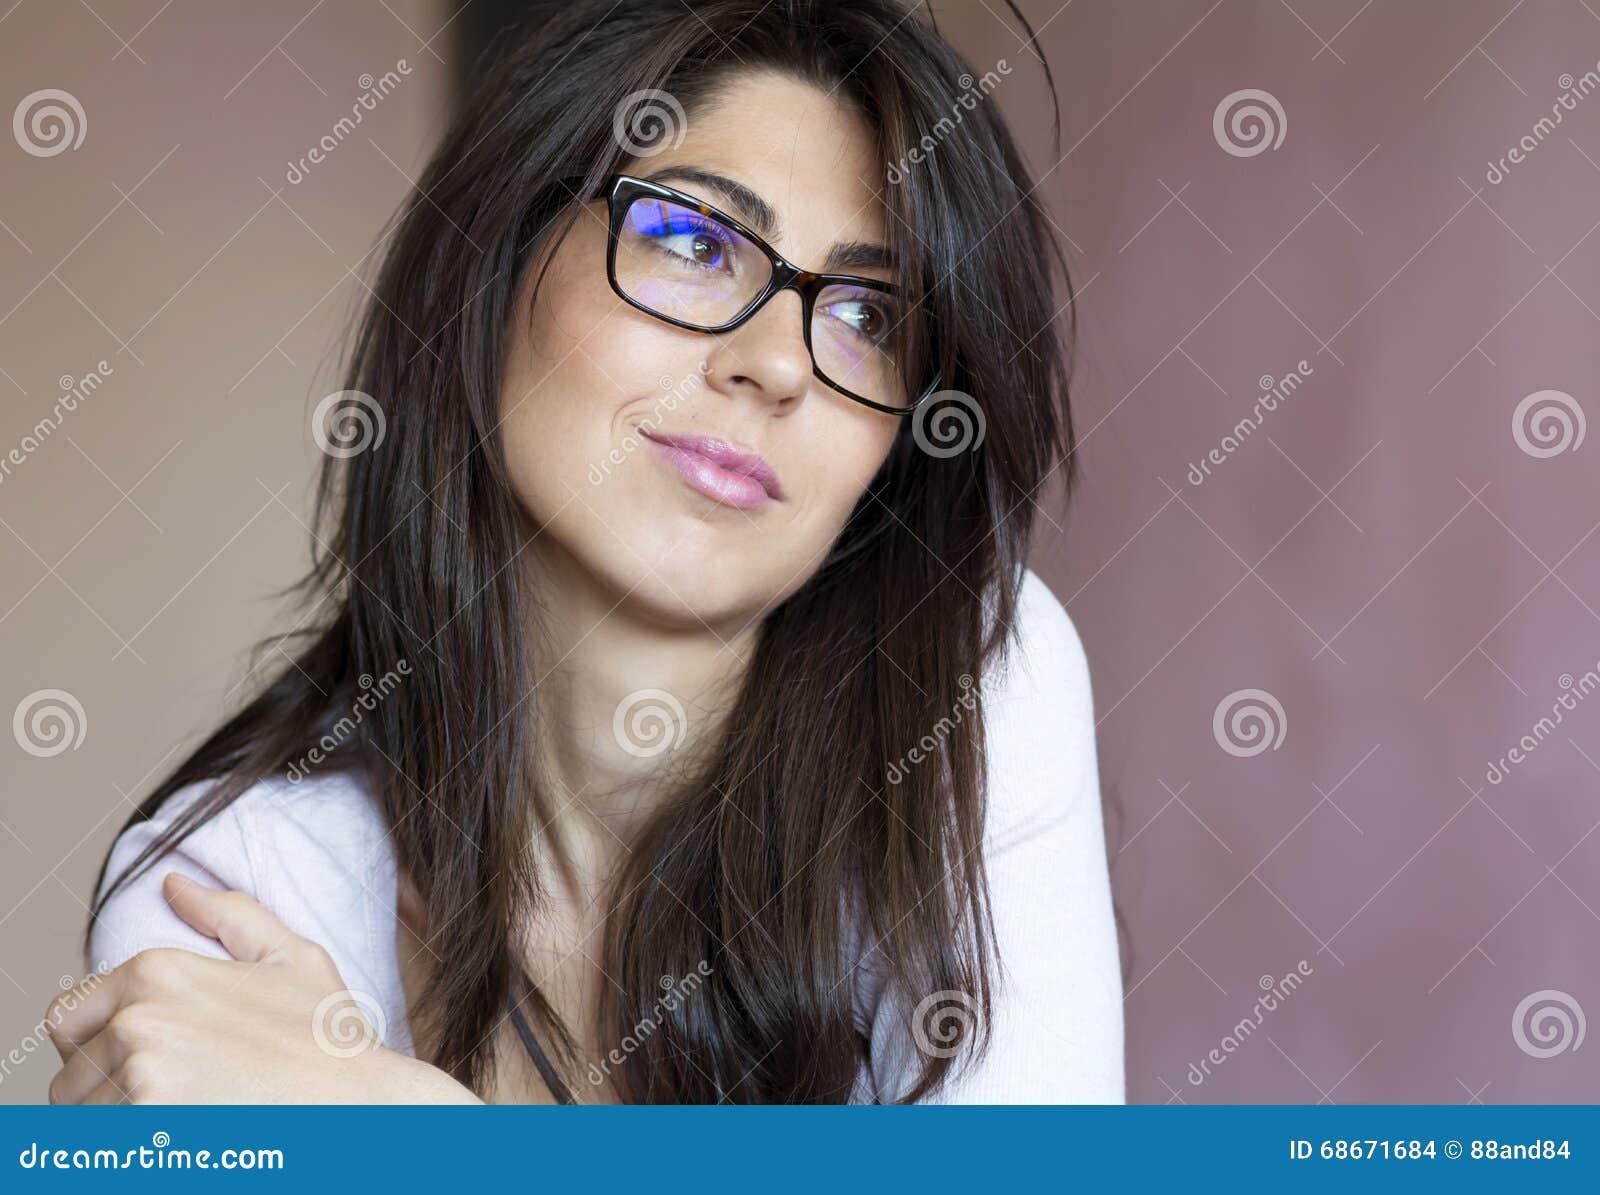 Porträt der schönen jungen lächelnden Frau mit modernen Brillen